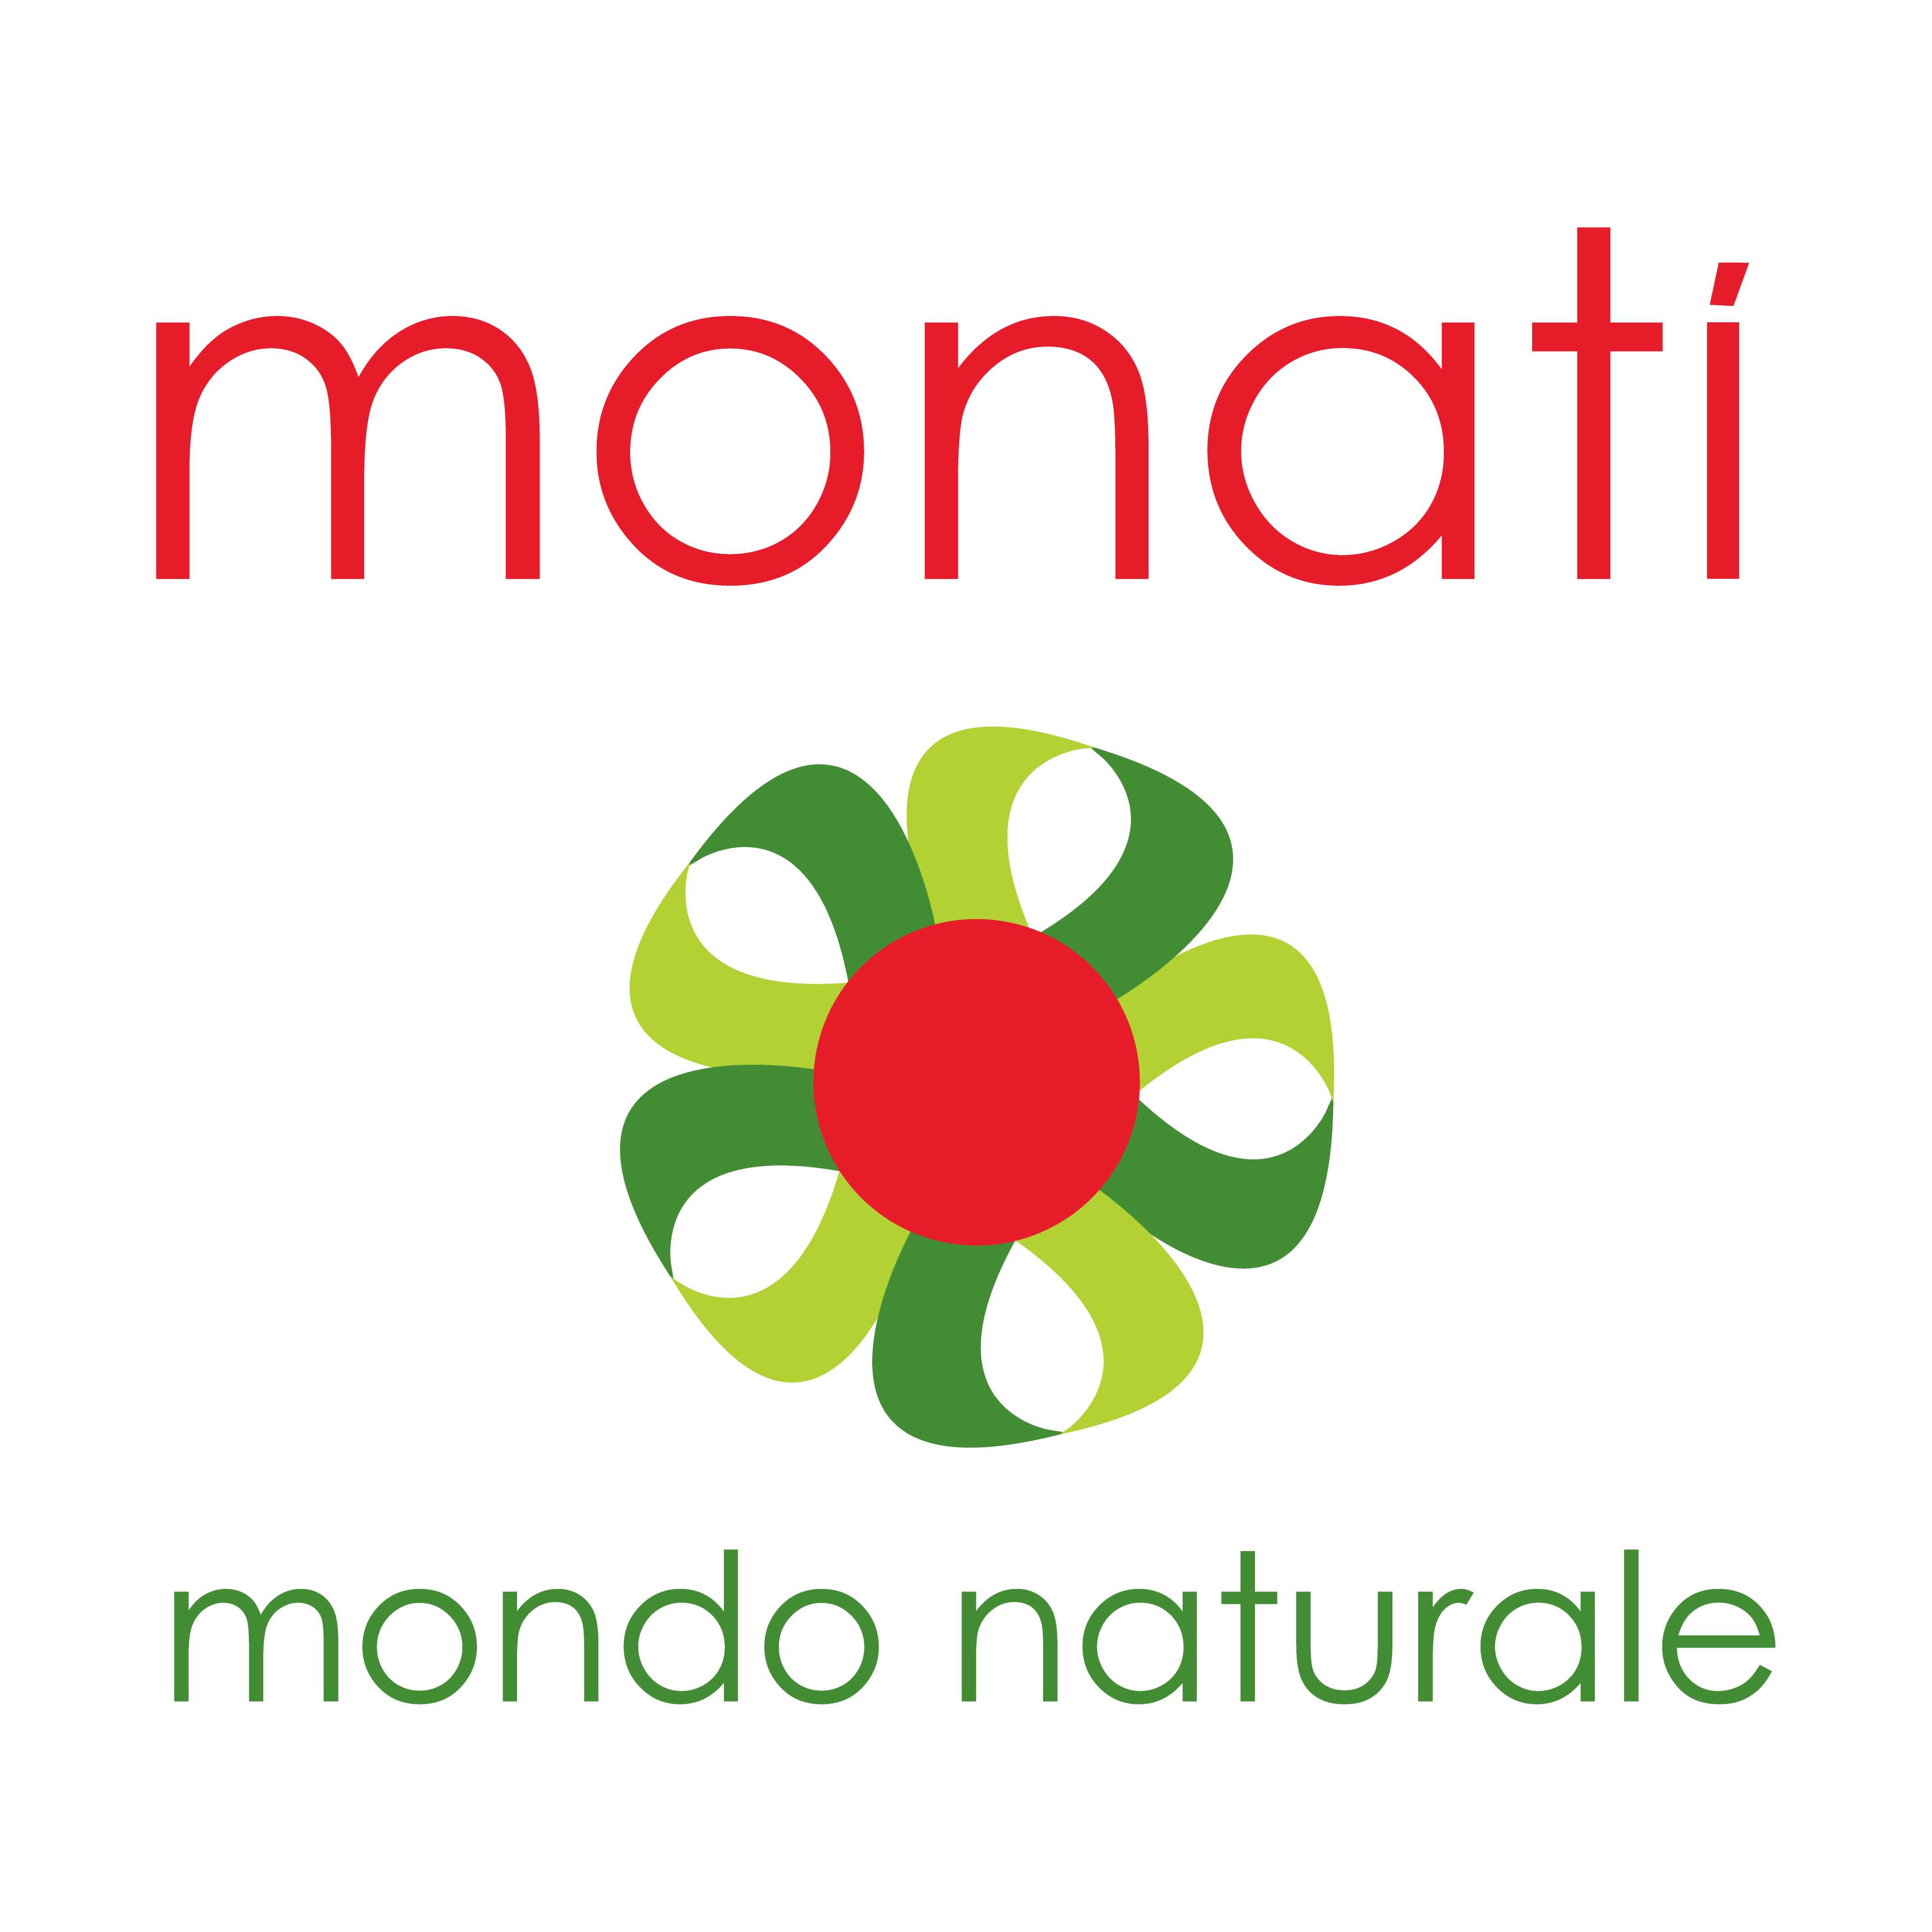 MONATI - Mondo Naturale